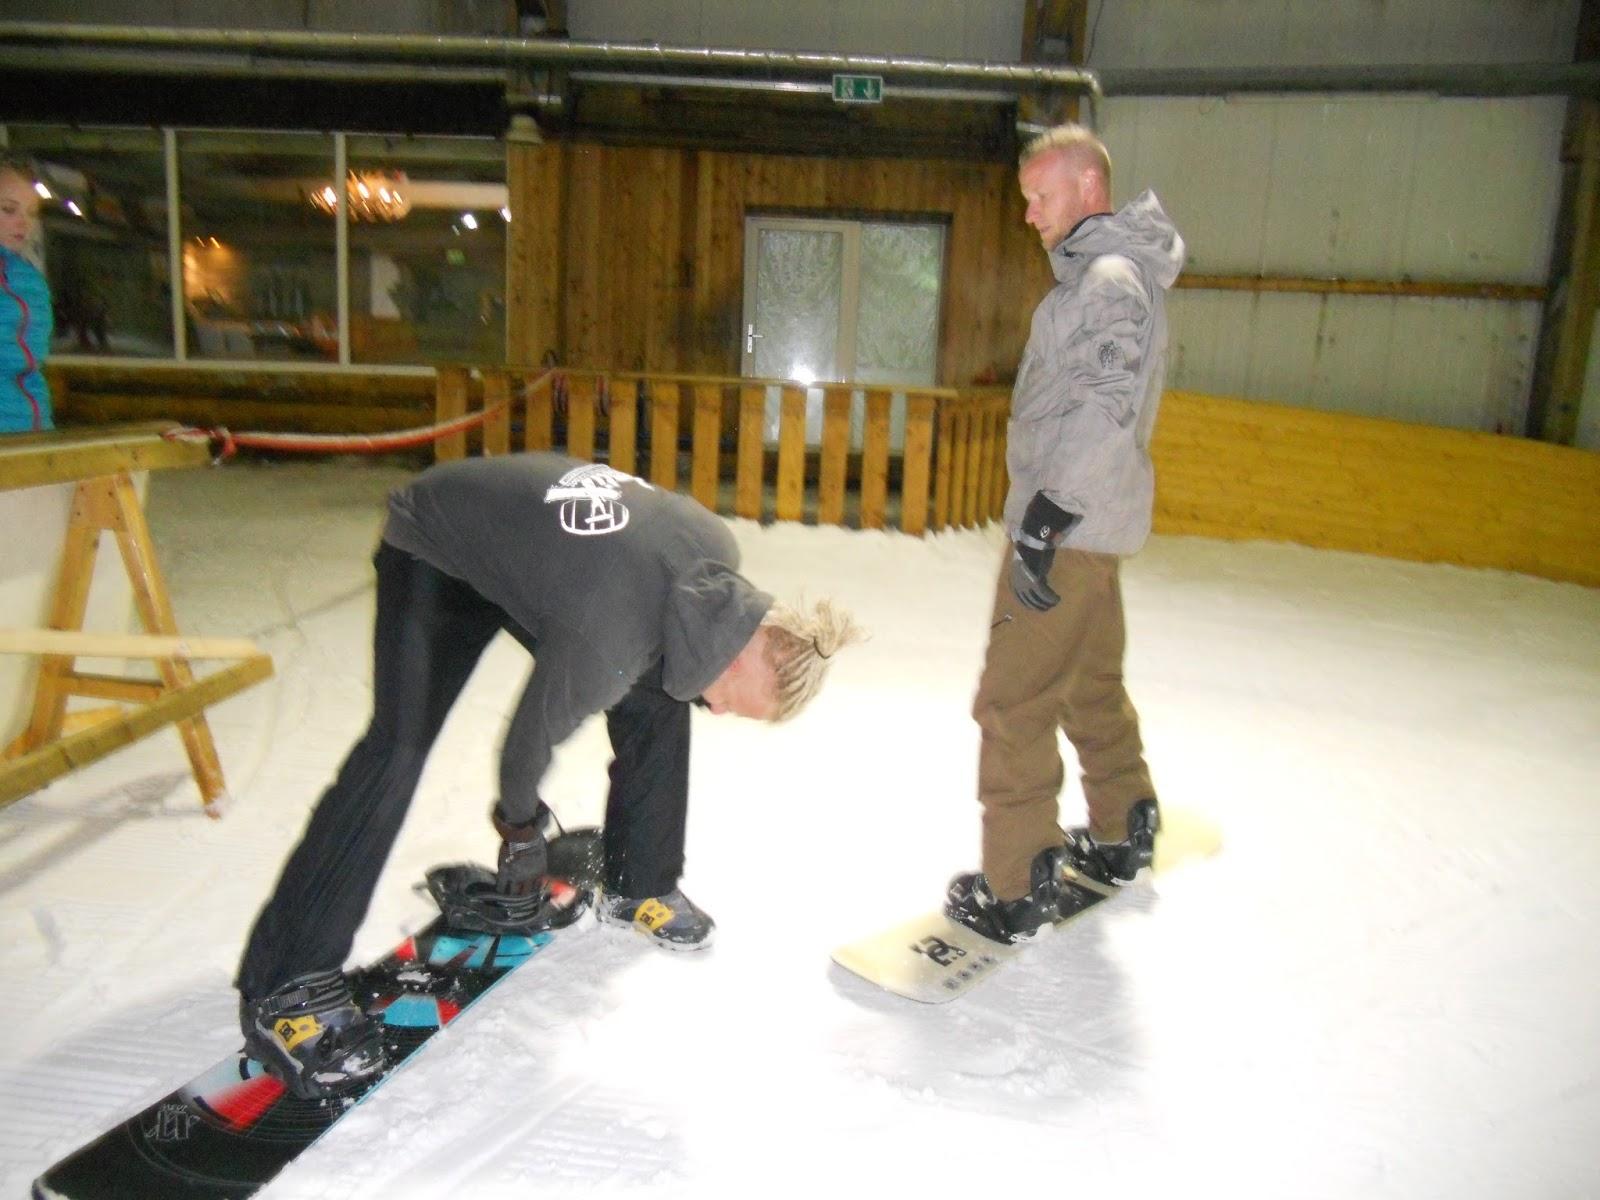 vanaf welke leeftijd snowboarden